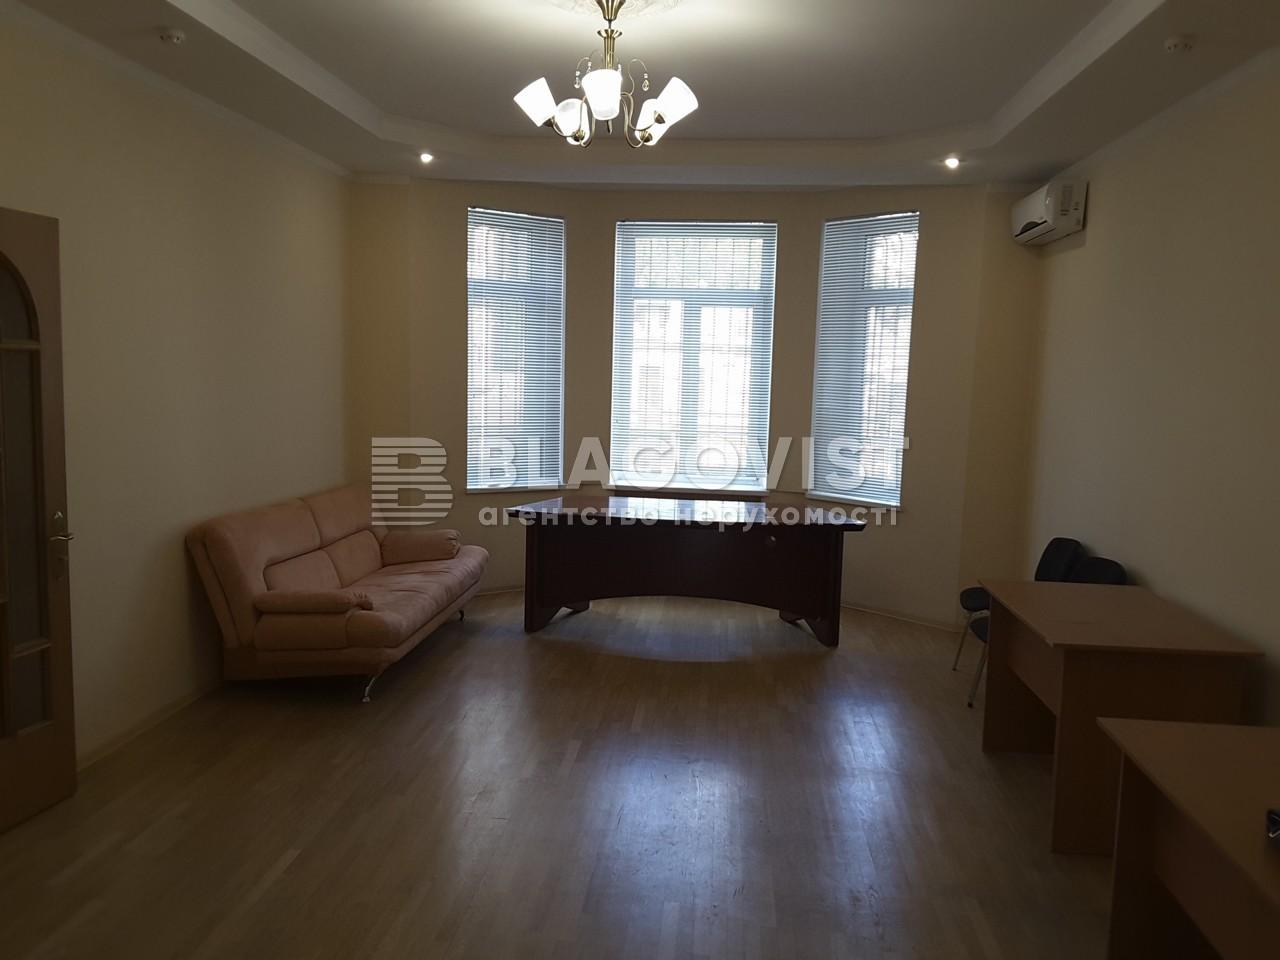 Квартира Z-928106, Большая Васильковская, 108, Киев - Фото 4